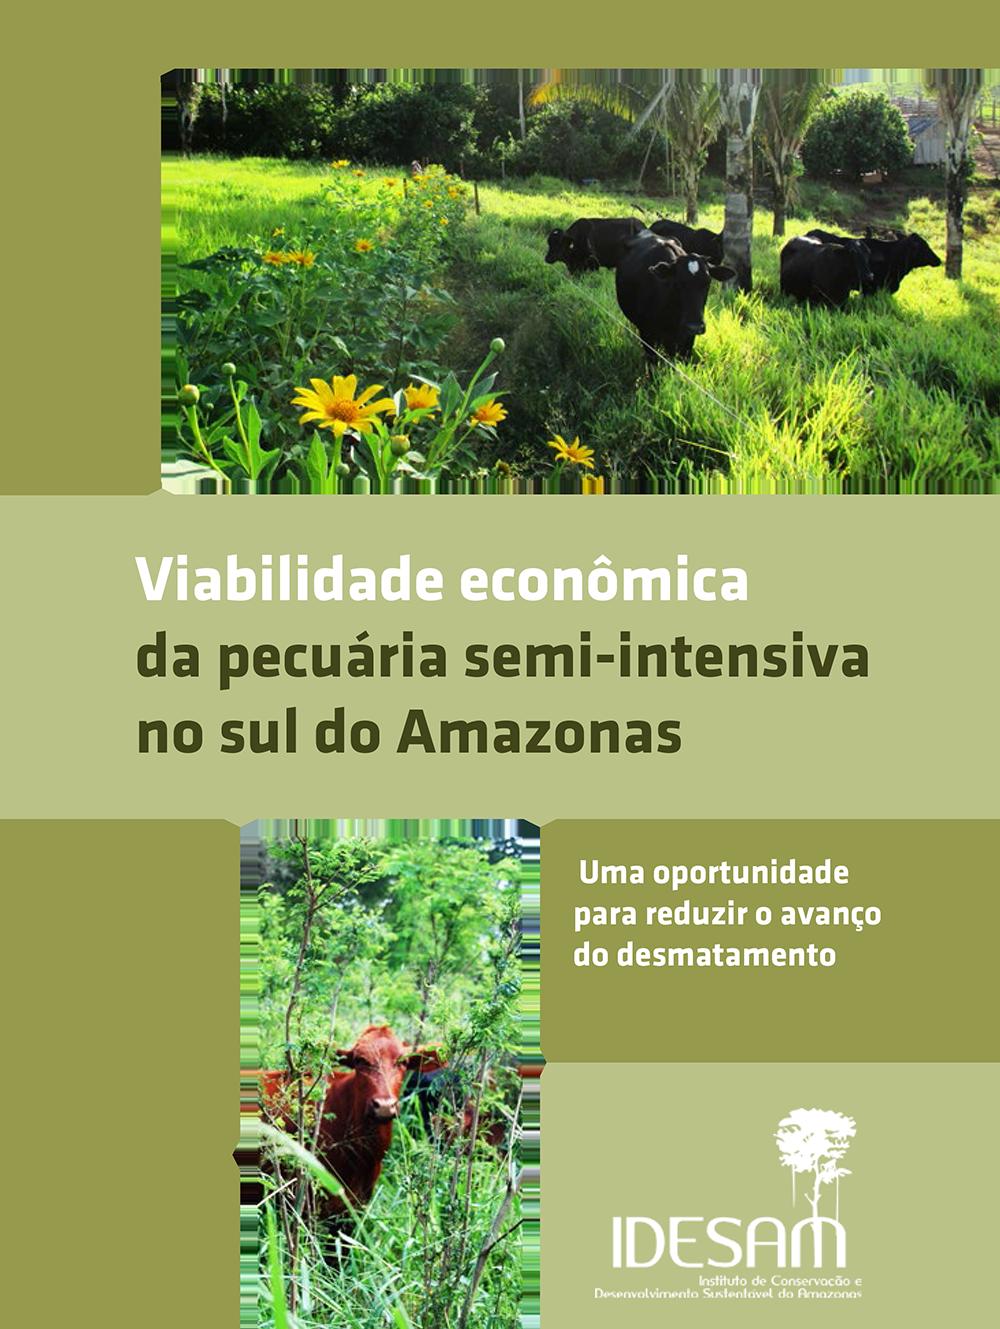 Viabilidade econômica da pecuária semi-intensiva no sul do Amazonas